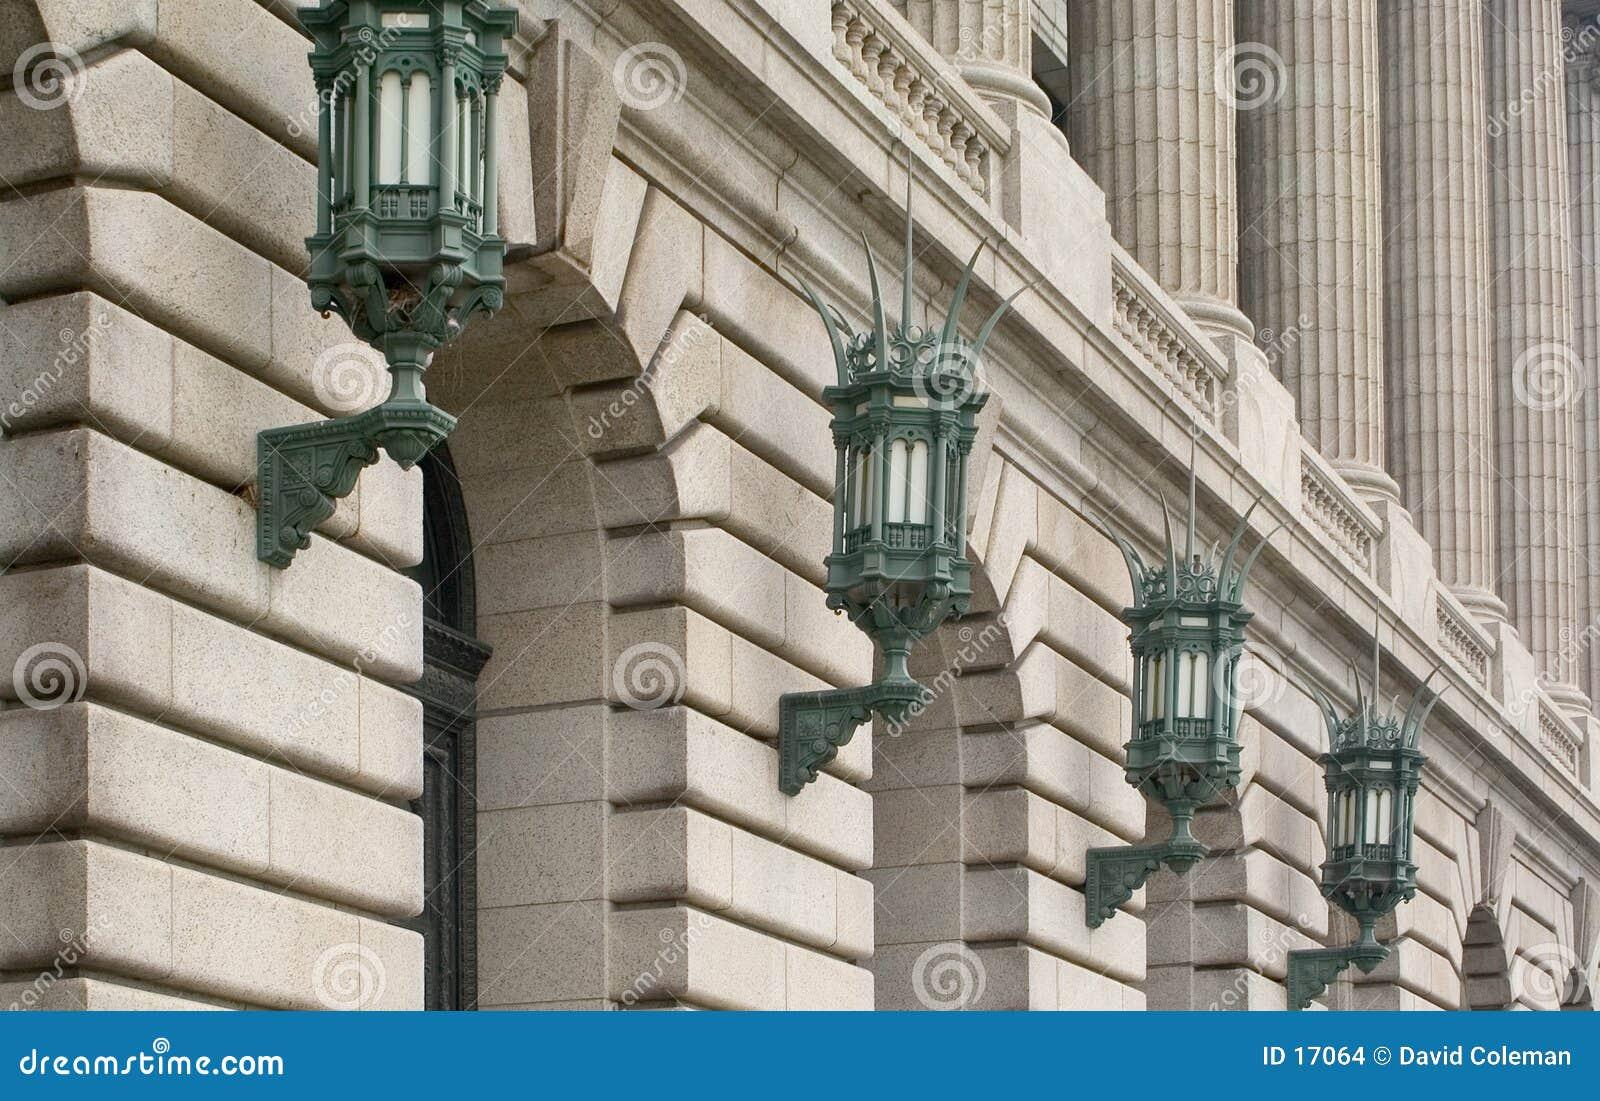 архитектурноакустическое освещение